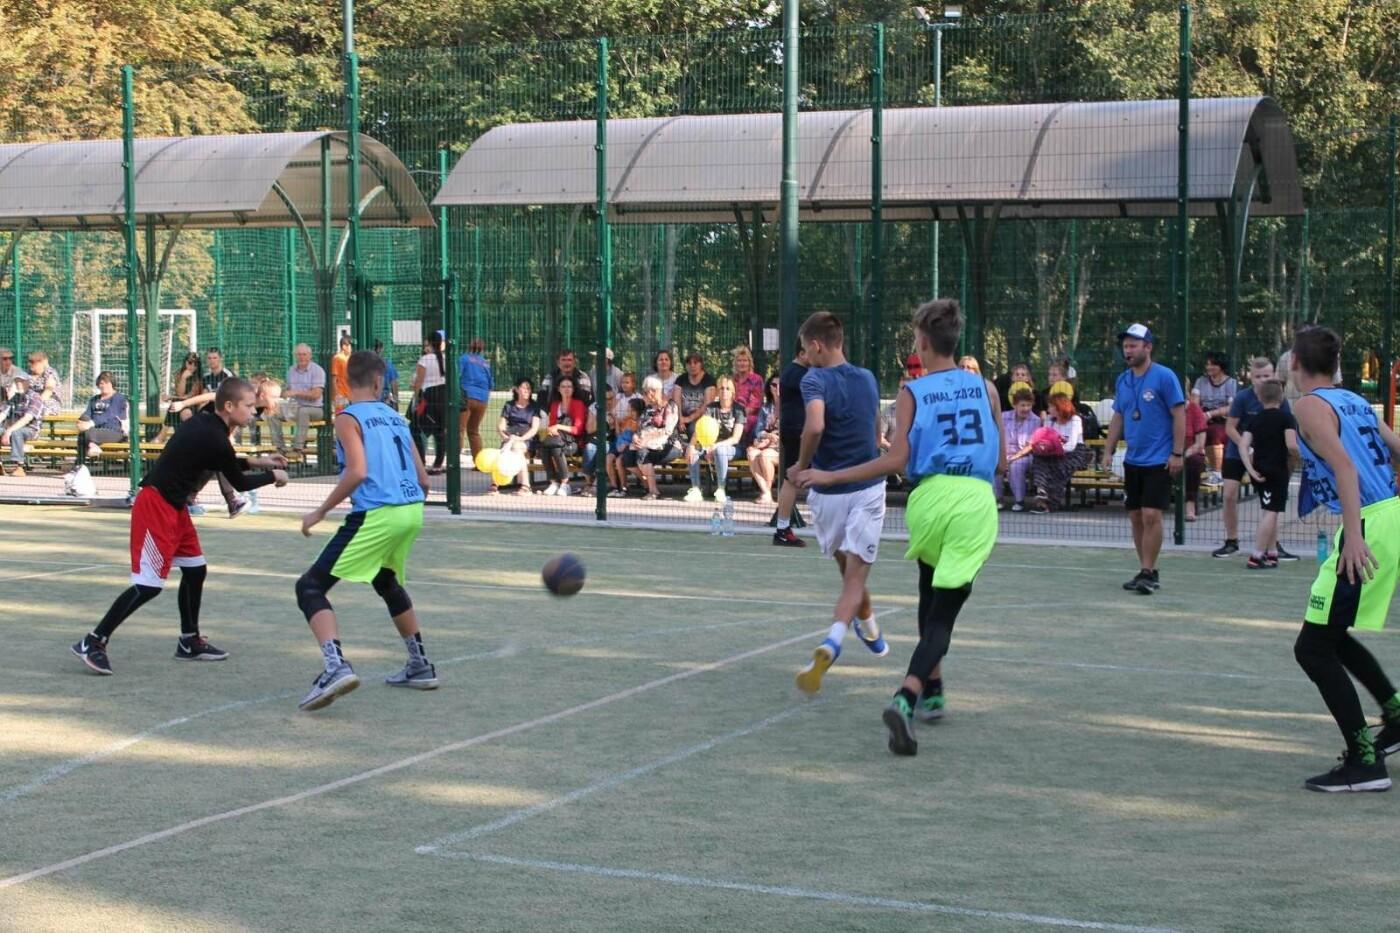 Турнир в День города: в Лозовой больше ста баскетболистов сыграли в стритбол, фото-8